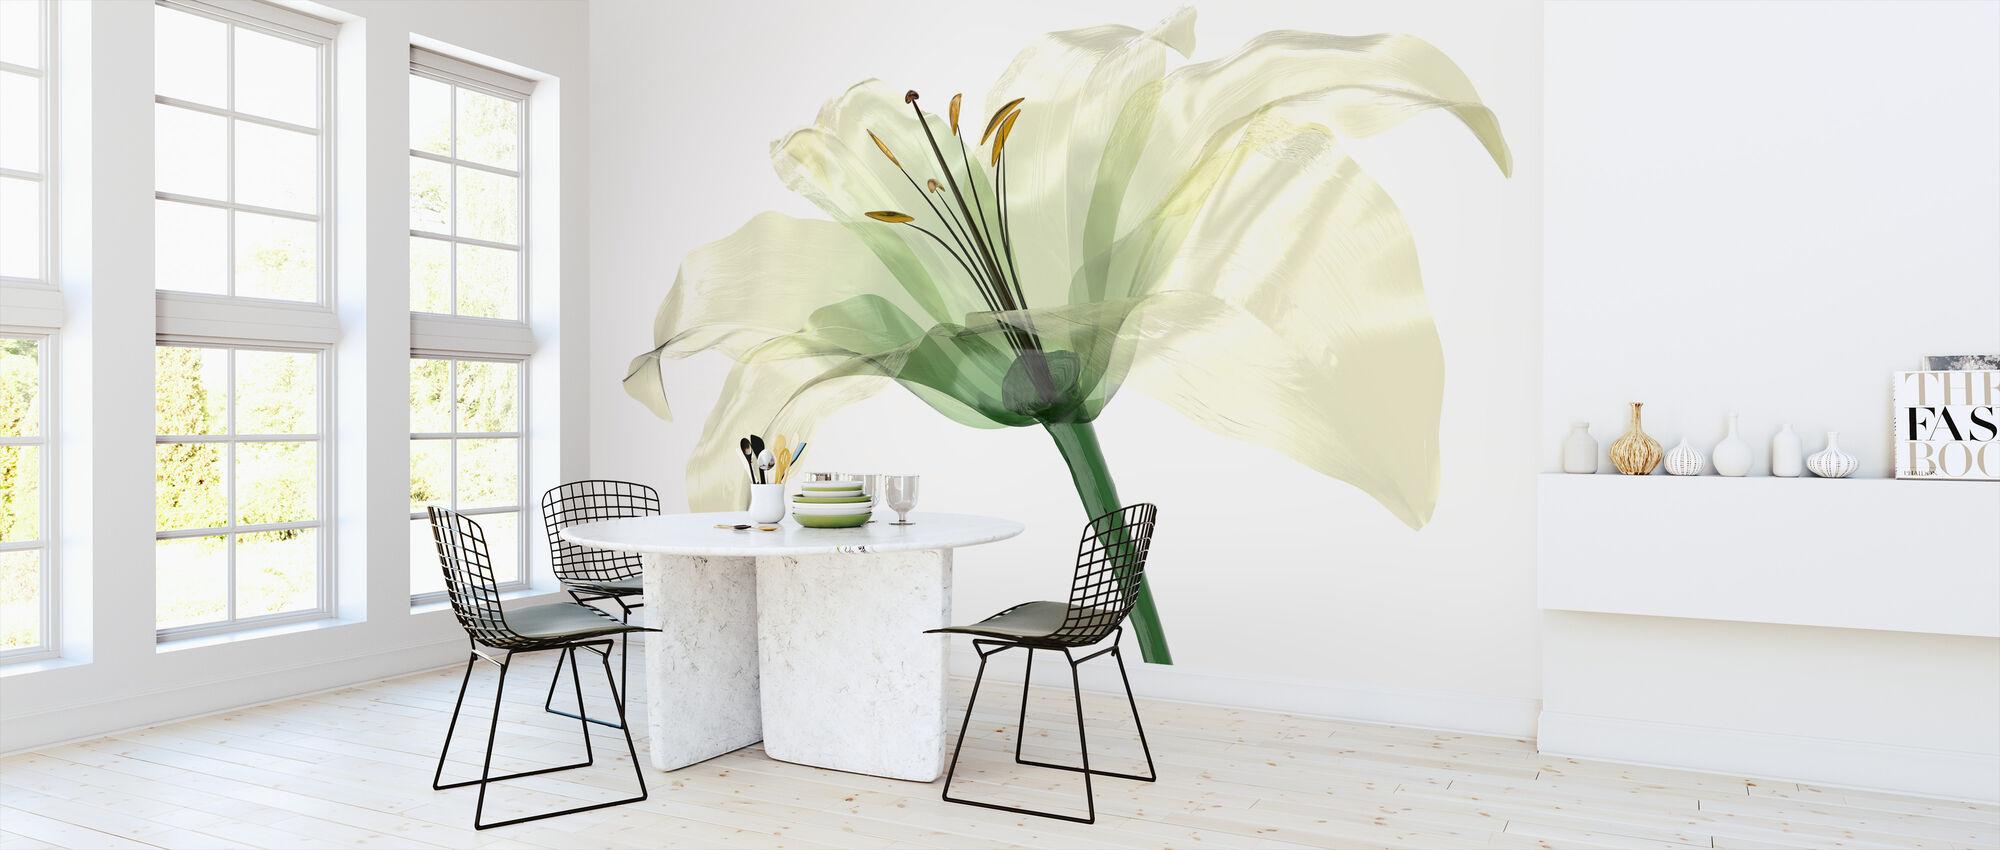 Bright Lily Flower - Wallpaper - Kitchen